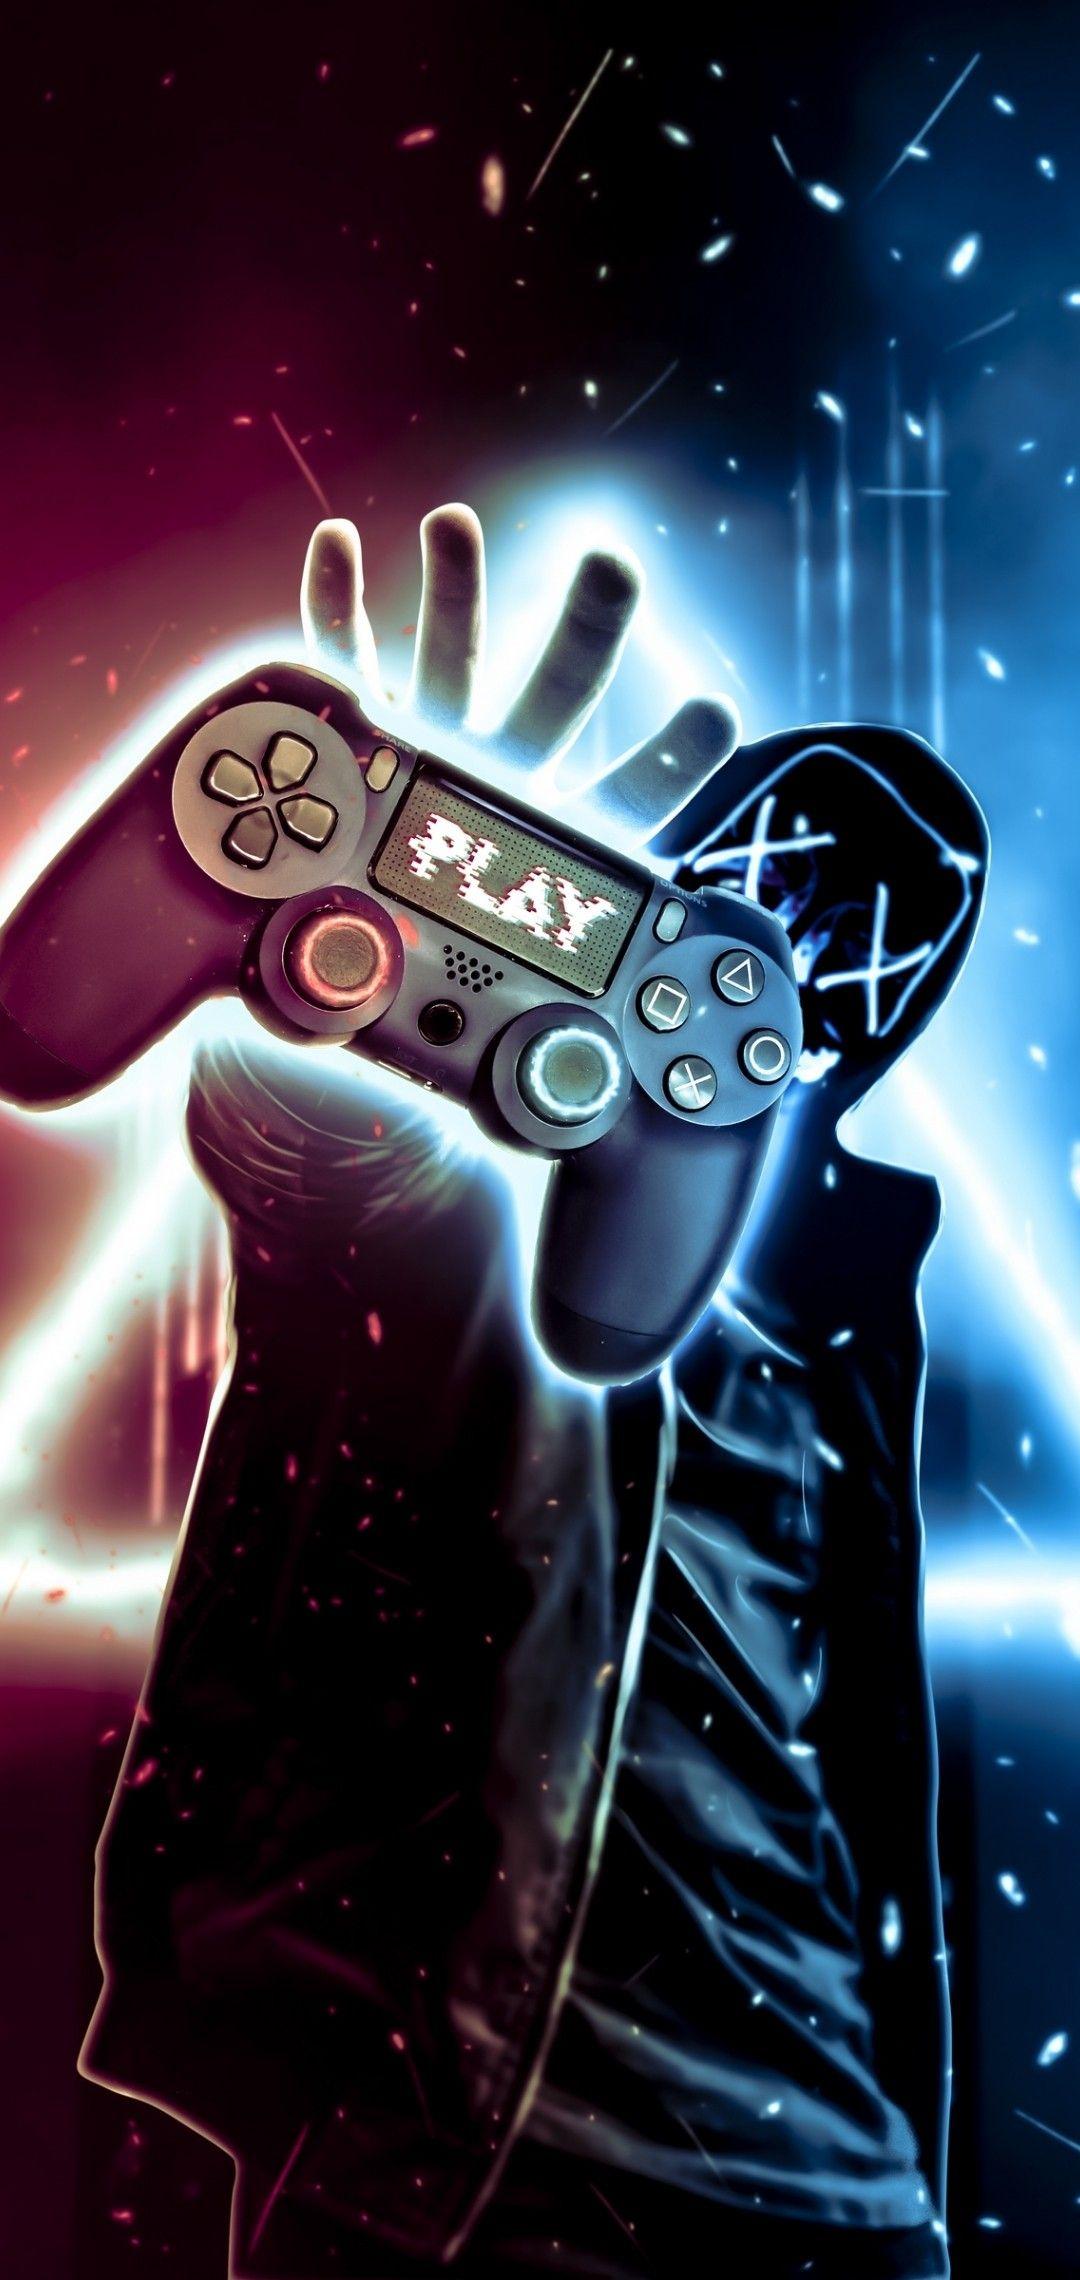 Gamers Wallpaper Gambar Naga Ilustrasi Karakter Wallpaper Kartun Hd